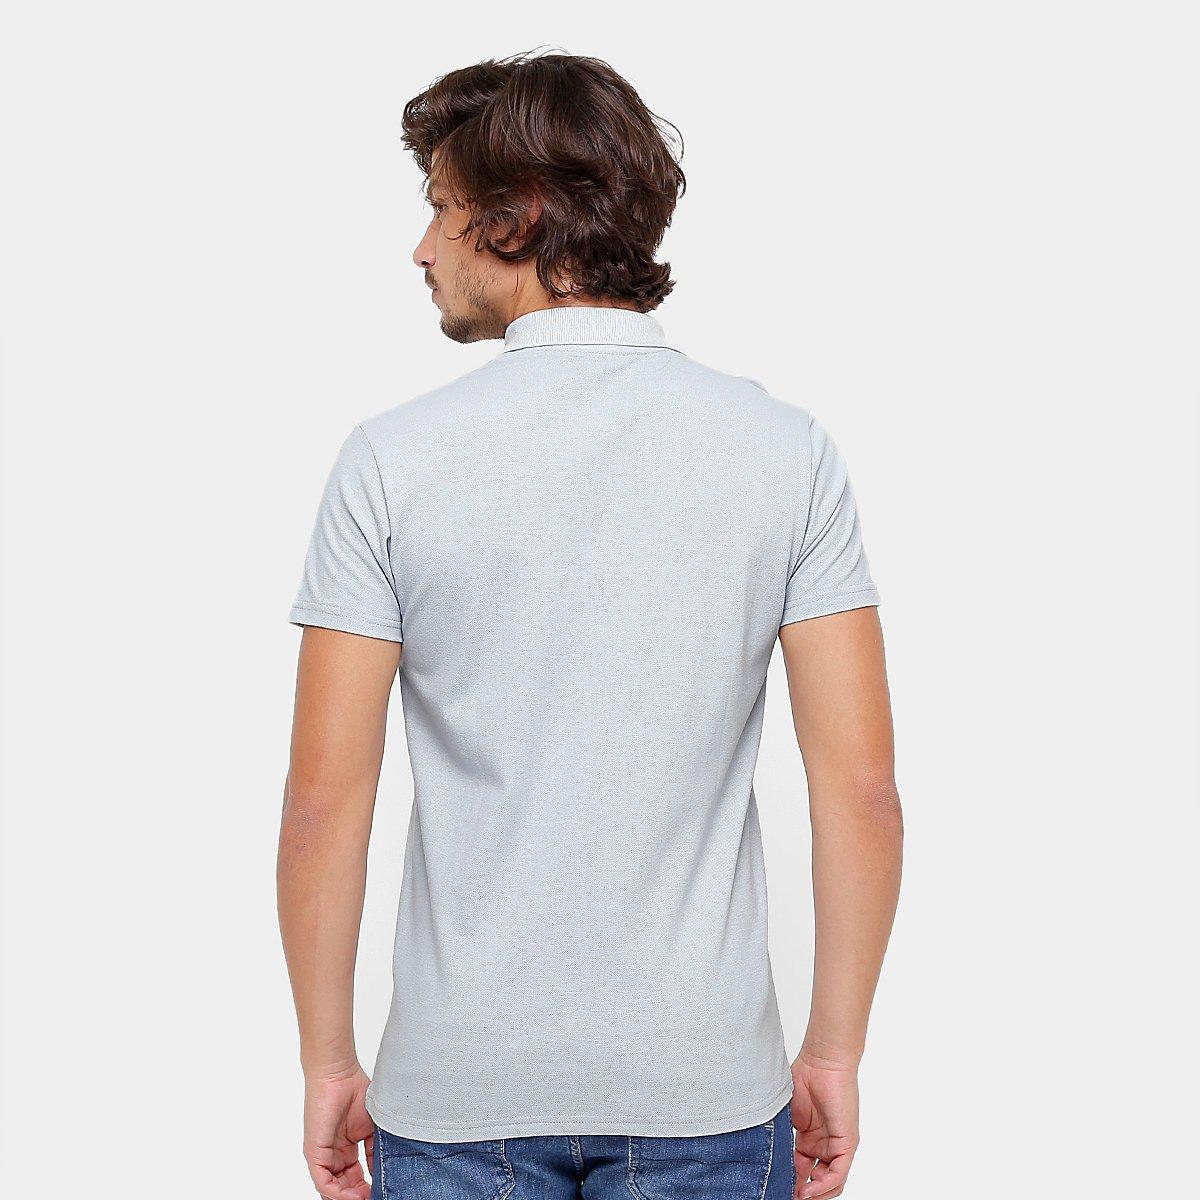 Camisa Polo Cruzeiro Piquet Masculina  Camisa Polo Cruzeiro Piquet Masculina  ... a7abebe9b9b73